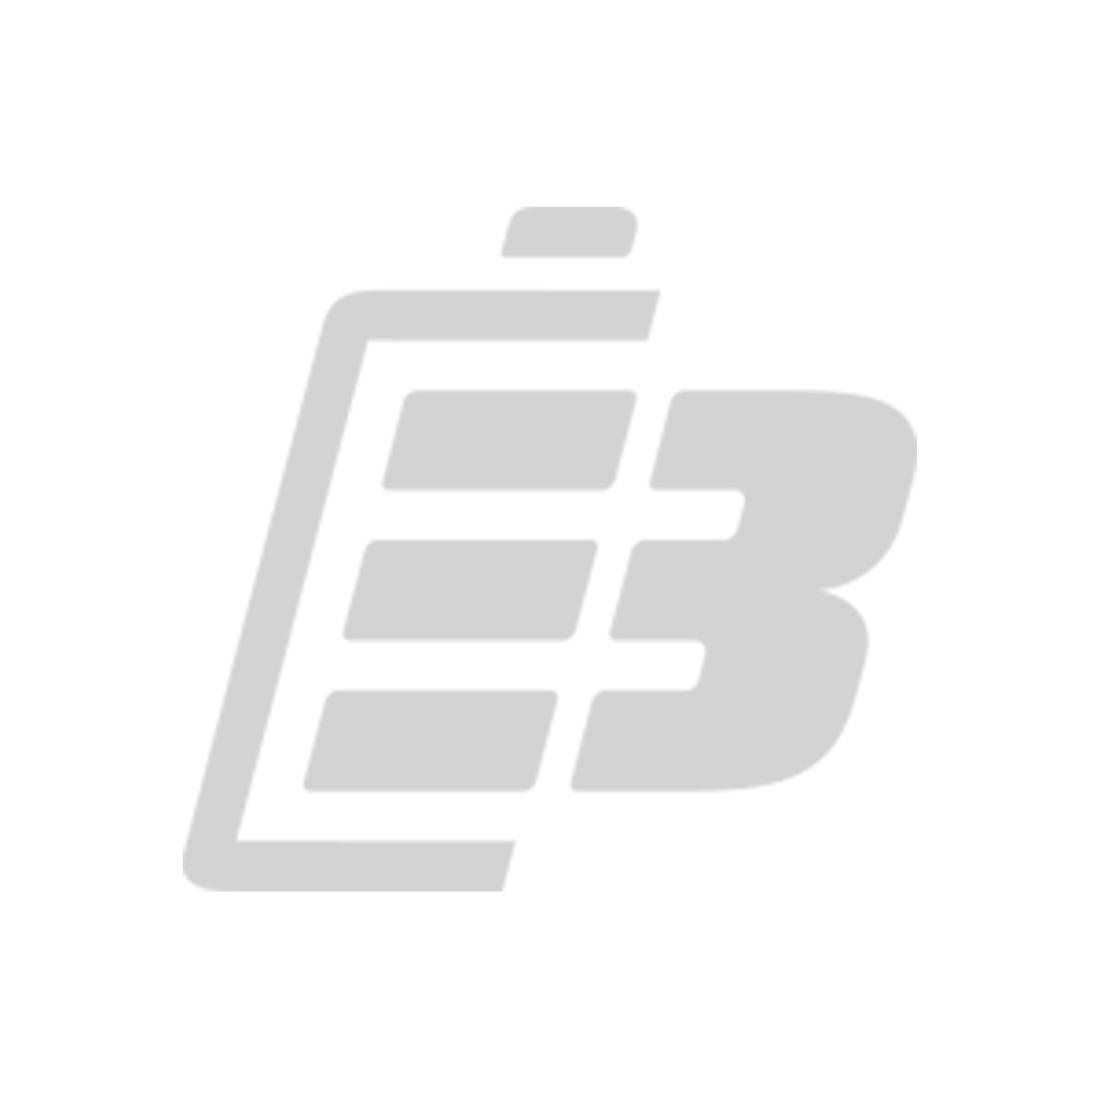 Μπαταρία MP3 Apple iPod Mini 6GB_1